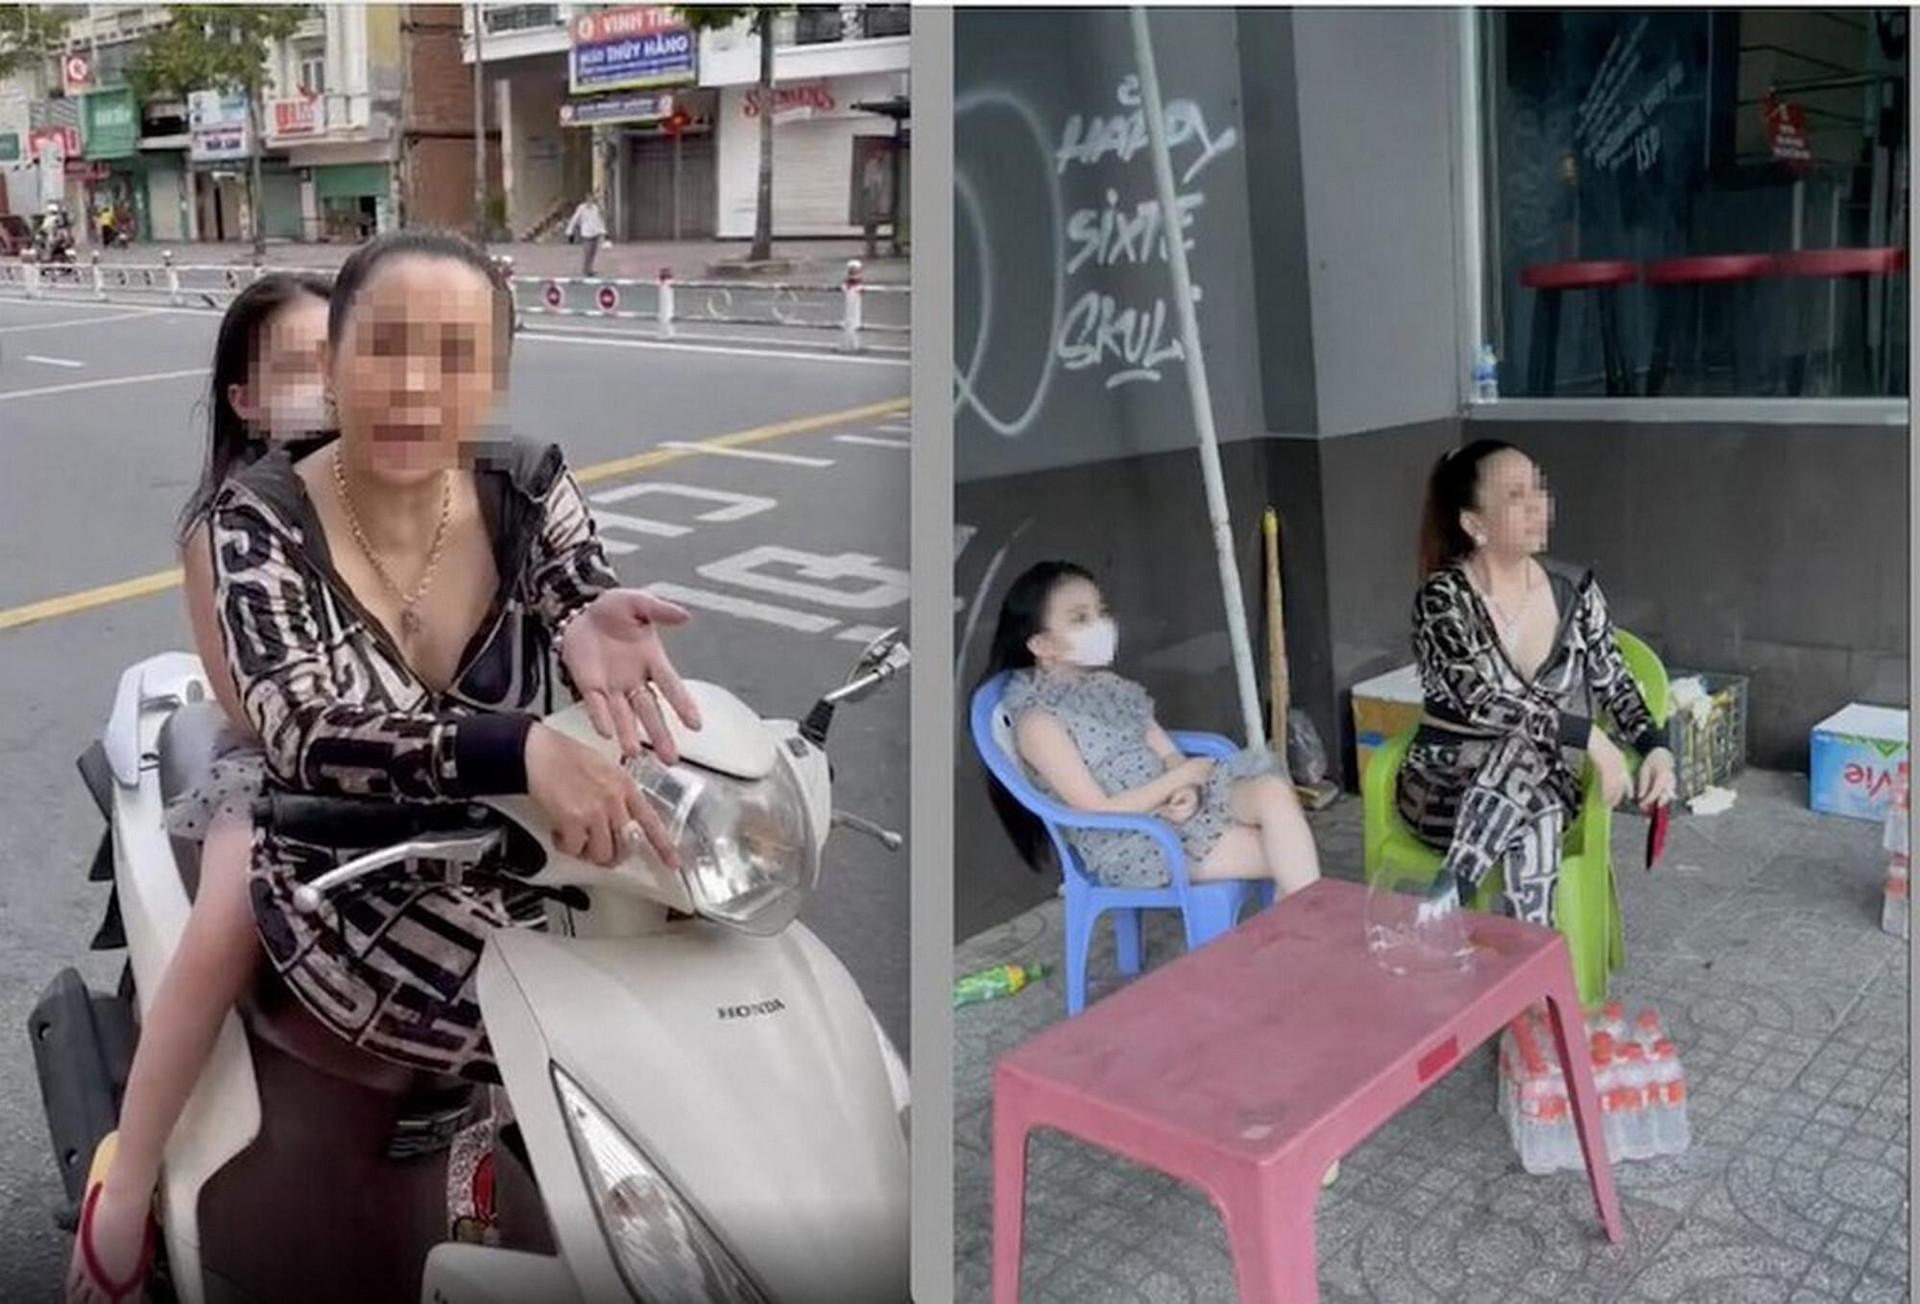 Xử phạt người phụ nữ không đeo khẩu trang vì 'không có virus và không thấy bệnh' - 1